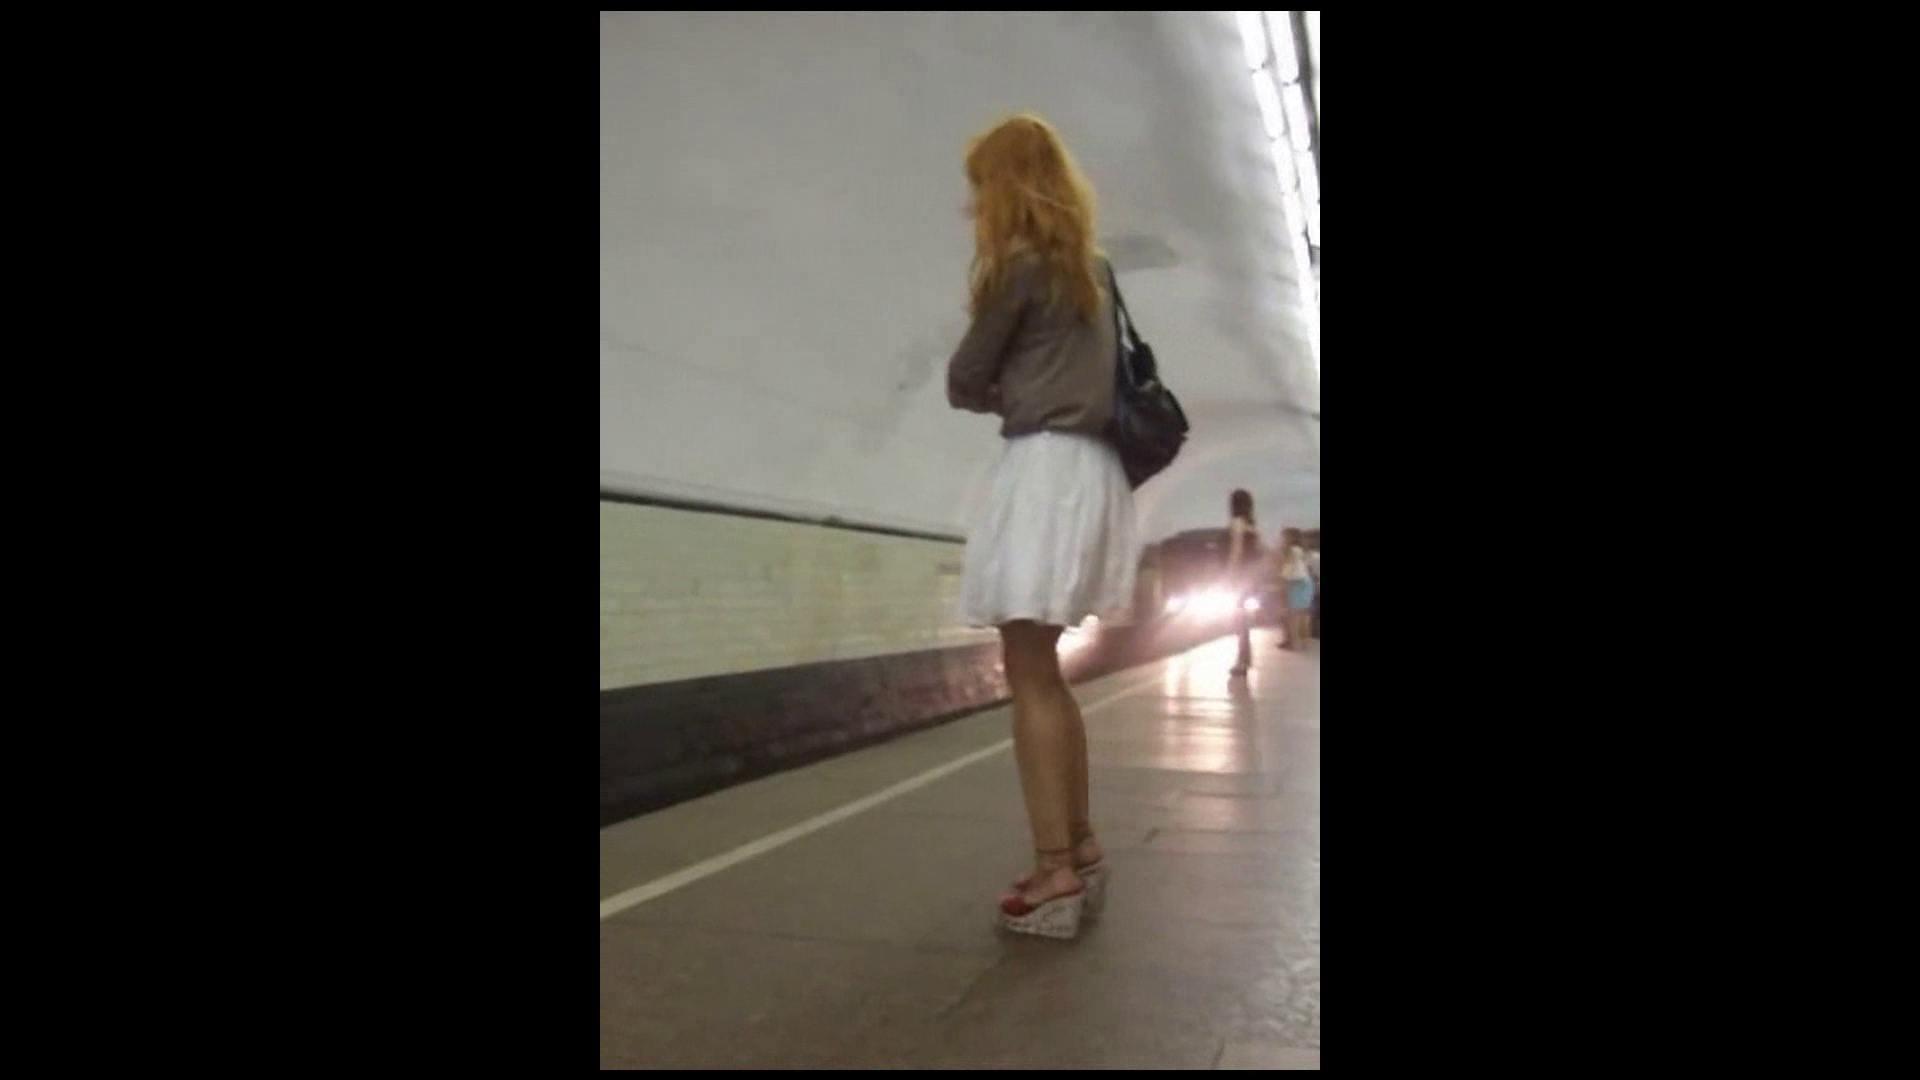 綺麗なモデルさんのスカート捲っちゃおう‼vol03 お姉さん   0  110画像 110